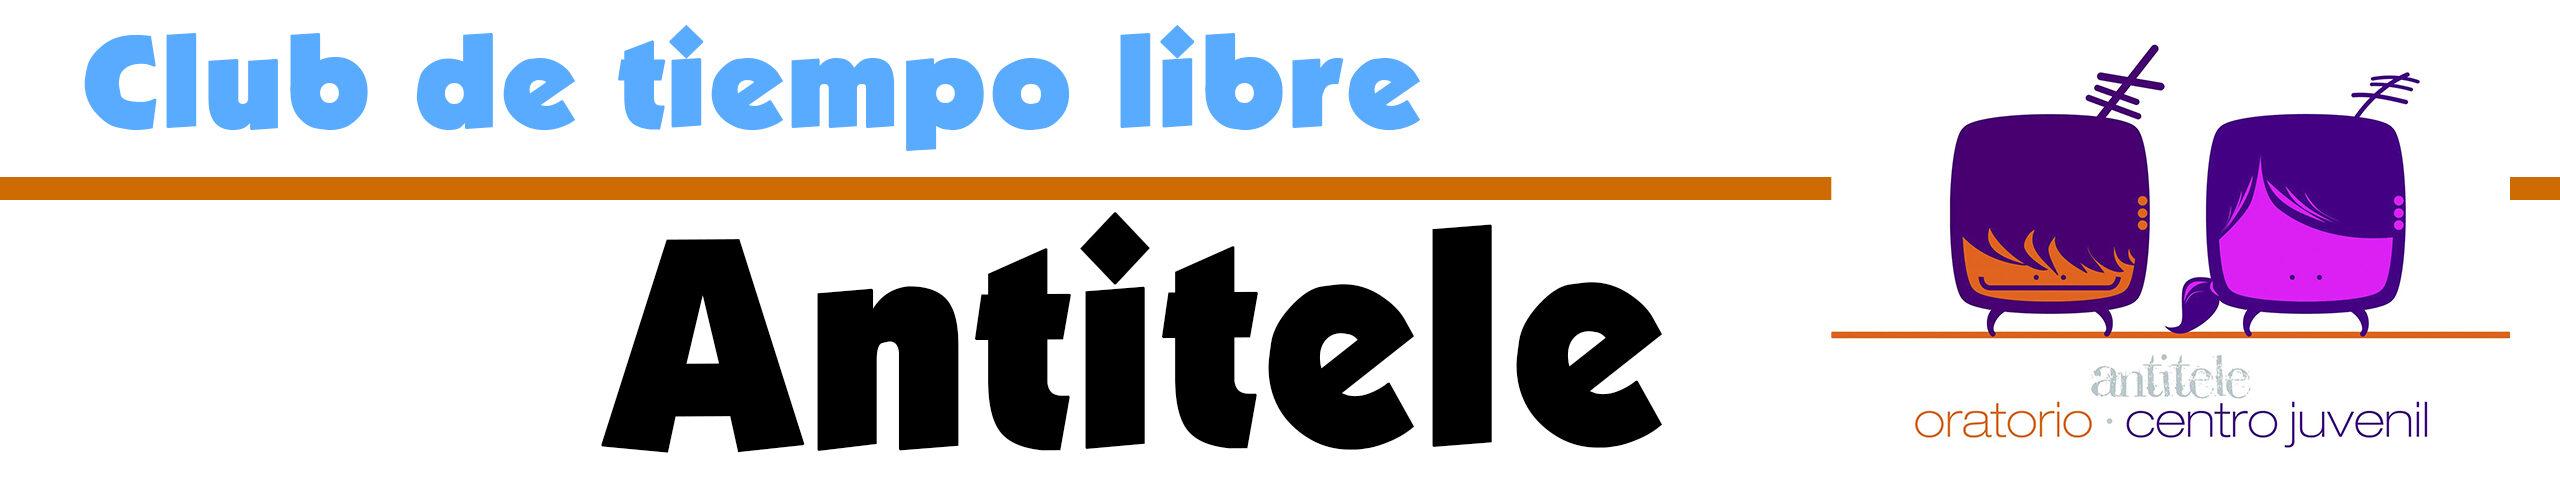 Club de Tiempo Libre Antitele